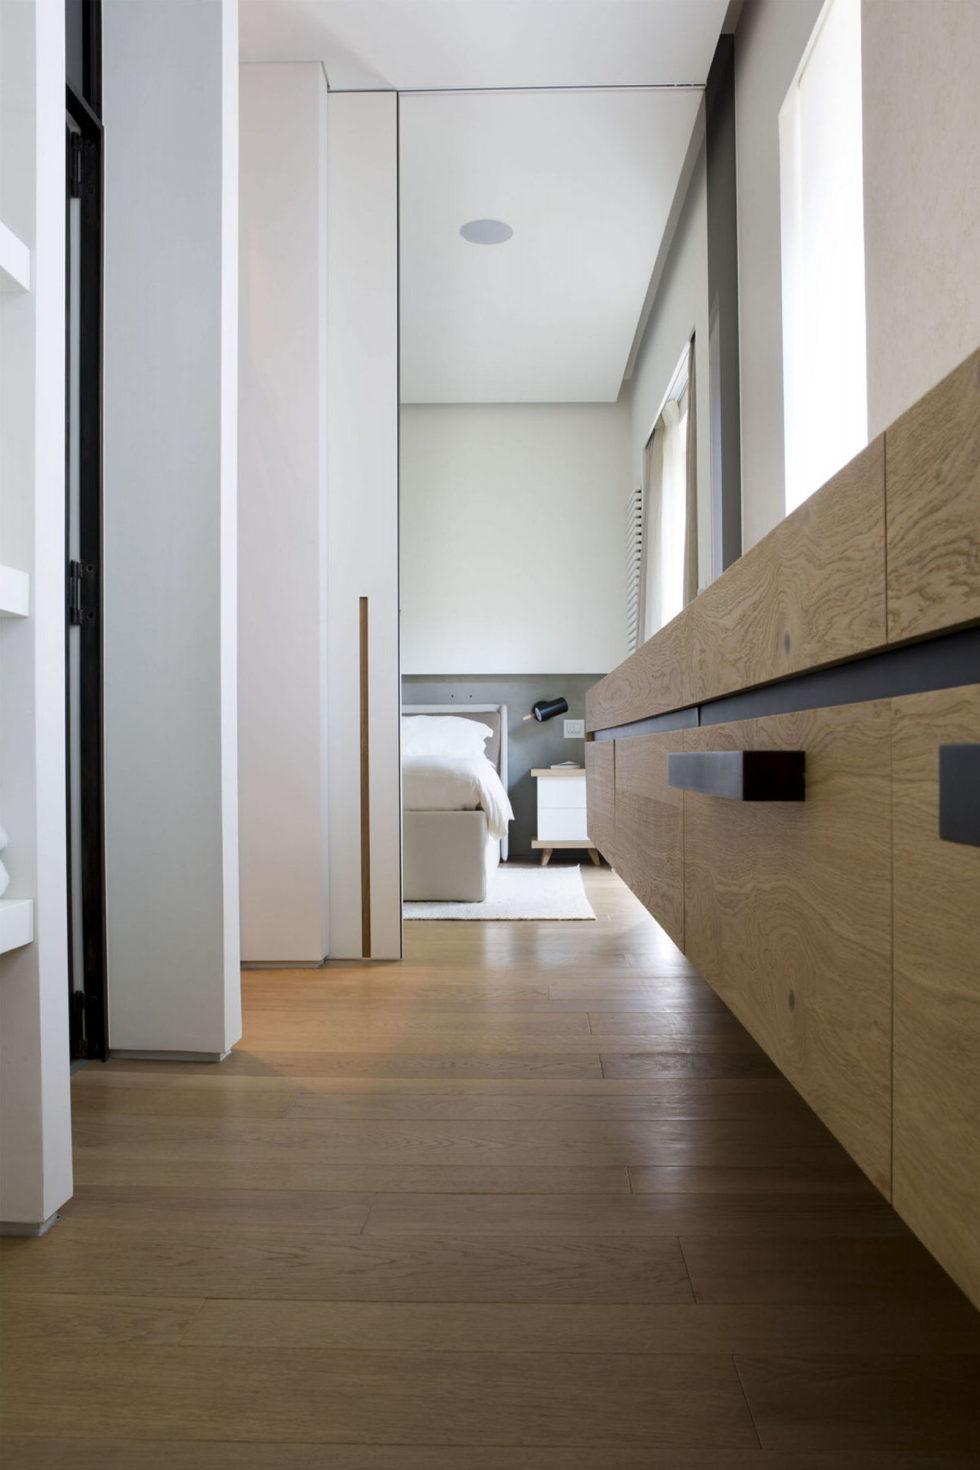 Quindiciquattro Apartments At The Center Of Turin From Fabio Fantolino 21